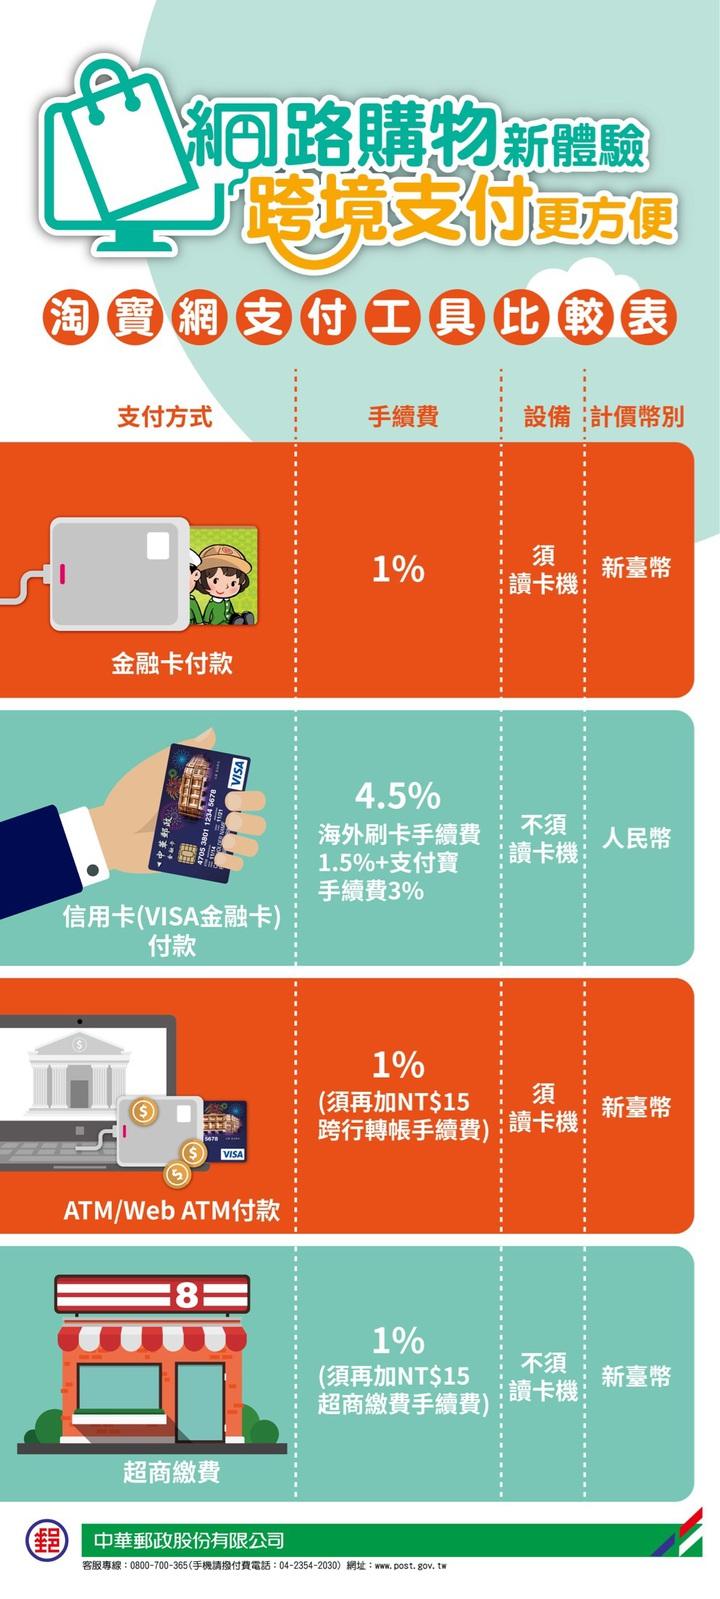 中華郵政表示,付款人利用郵局金融卡在淘寶網購物,僅須支付「交易金額1%」手續費。圖/中華郵政公司提供